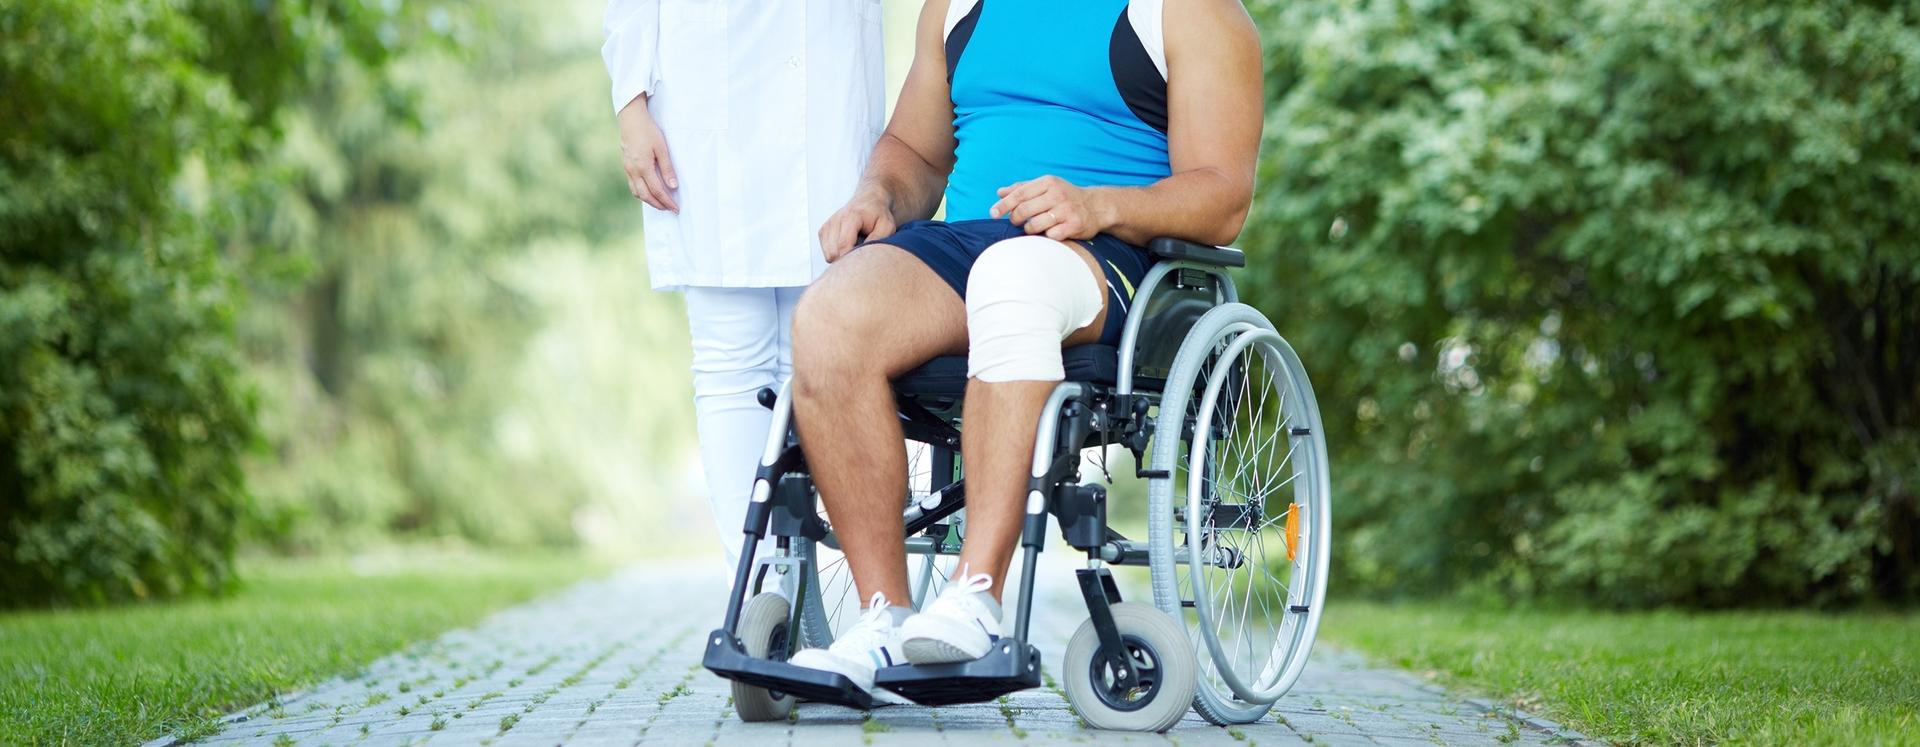 Mann im Rollstuhl nach Unfall im Park